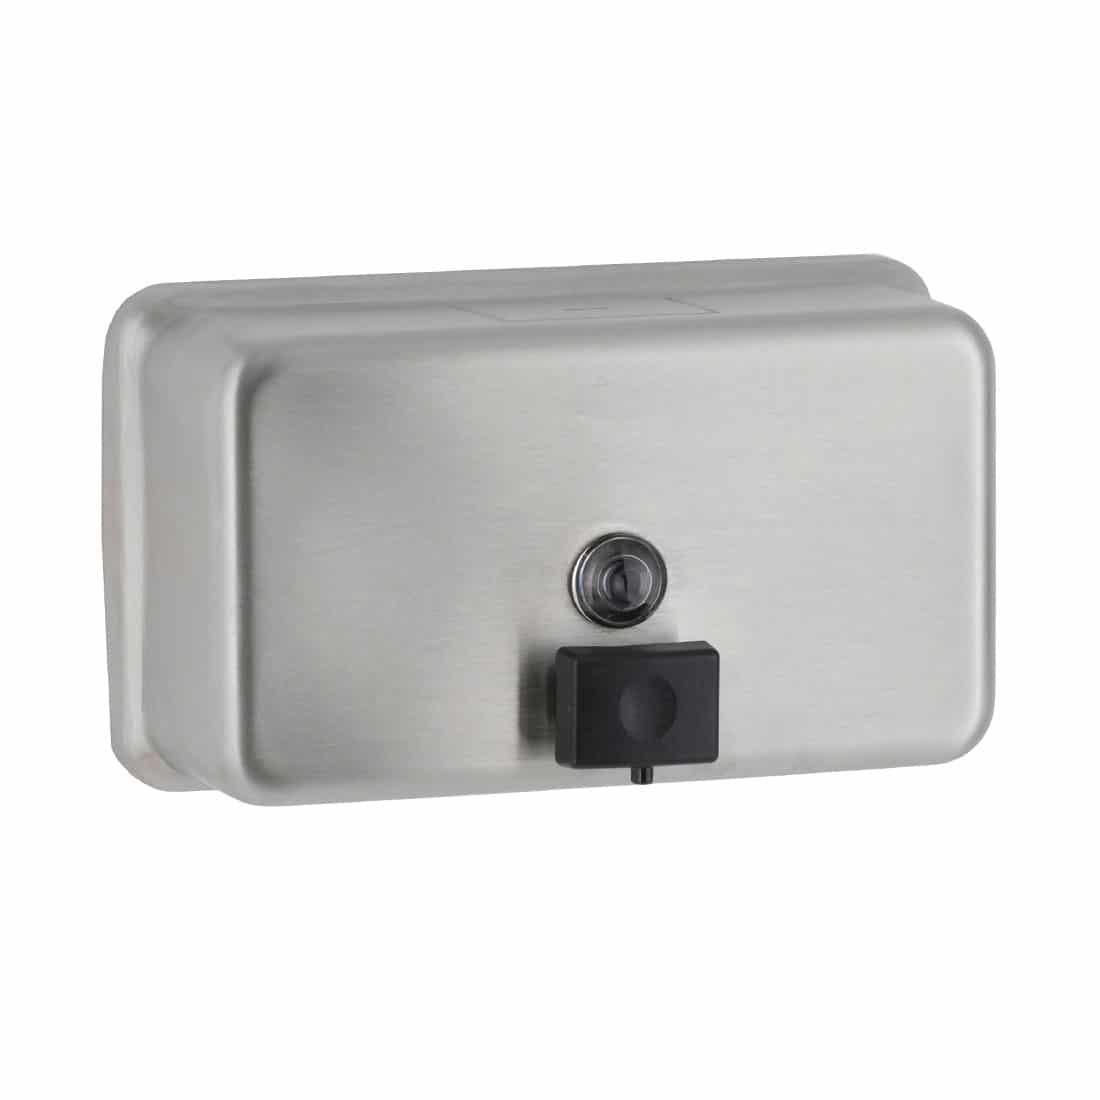 Bobrick Soap Dispenser